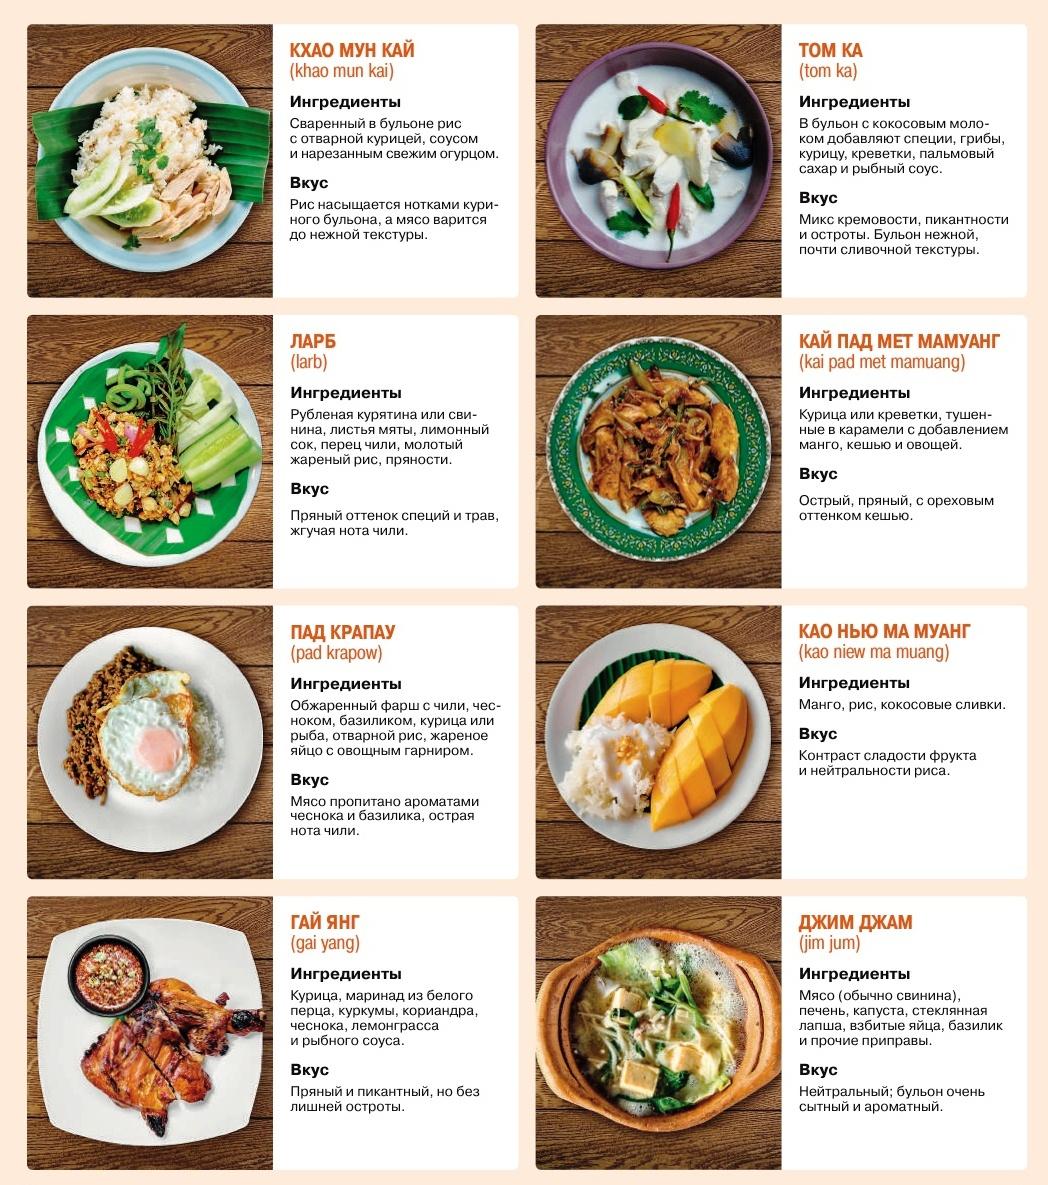 Фото самых известных блюд Таиланда